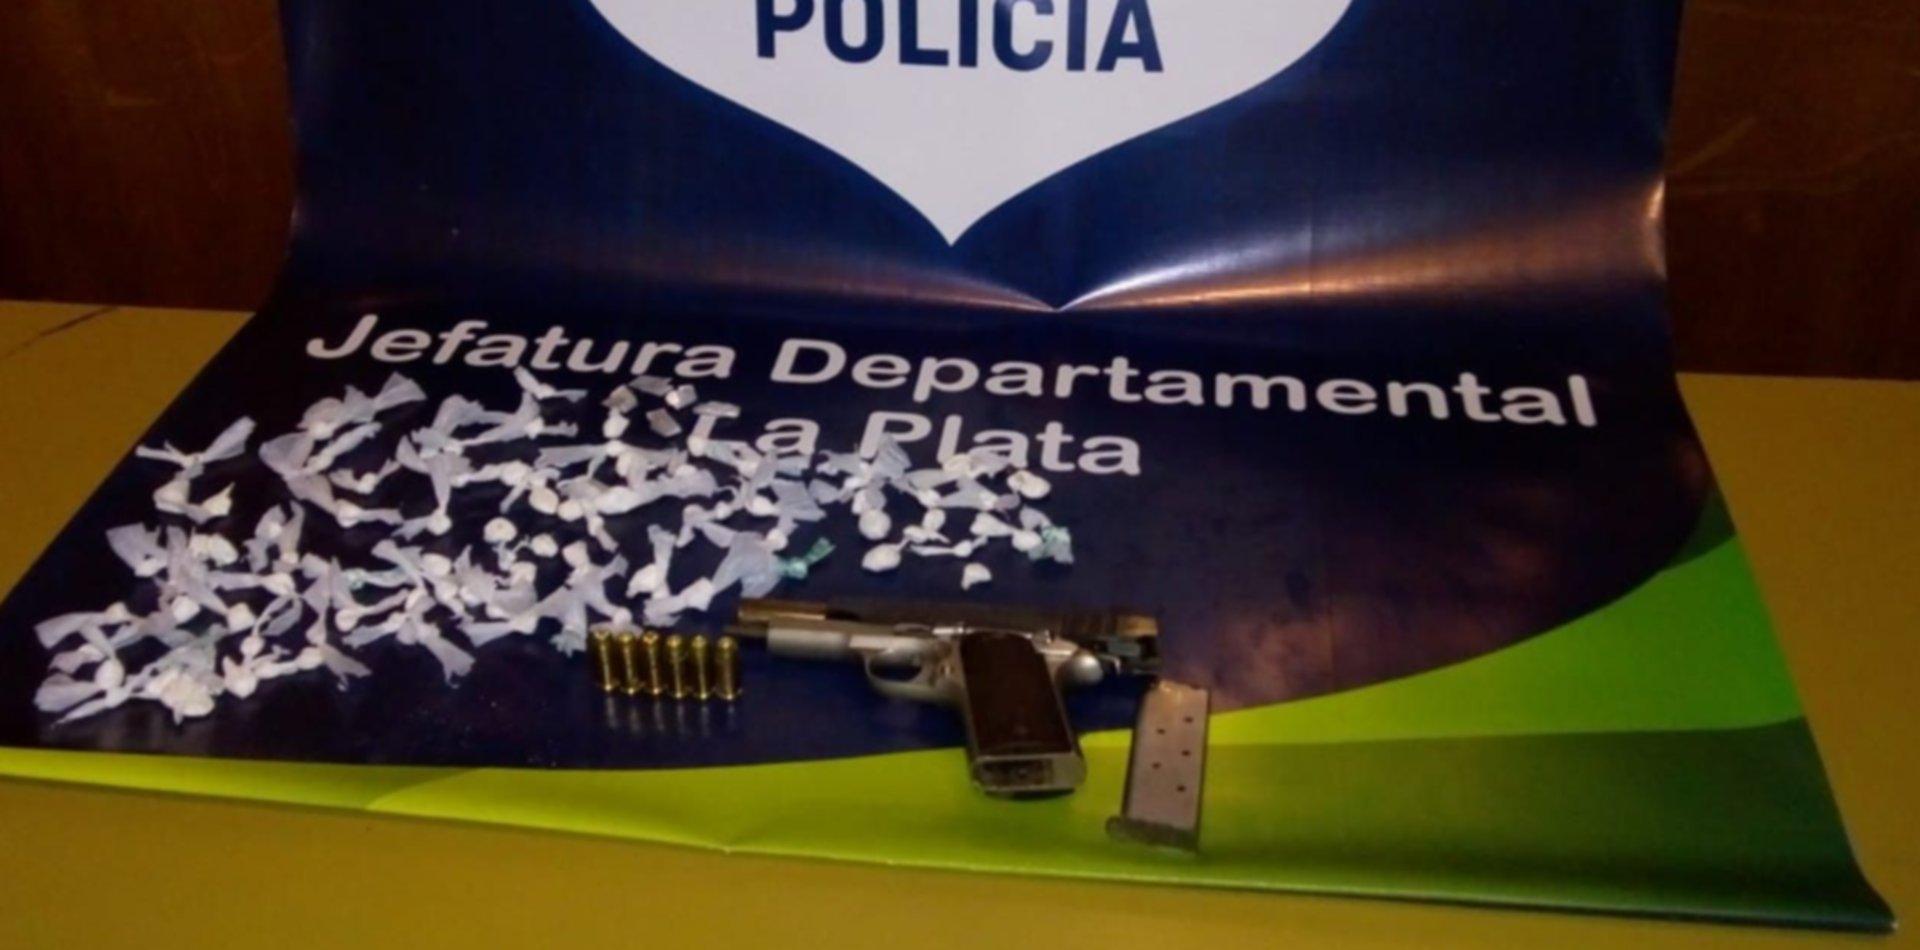 Allanaron la casa de un dealer que operaba en Tolosa y le encontraron cocaína y armas